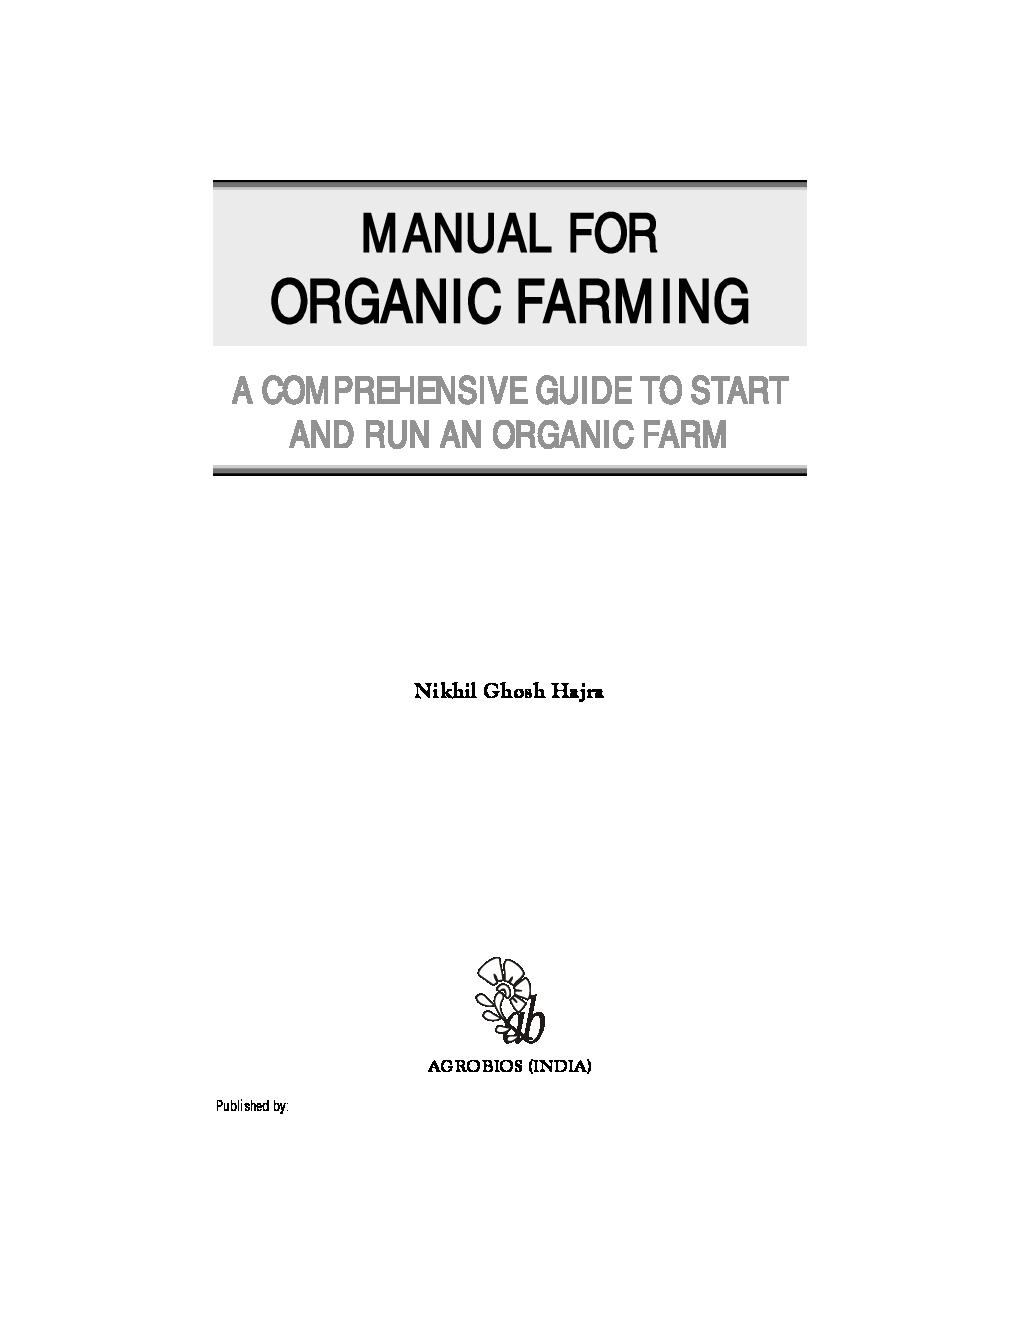 Kelp Farming Is A Win Manual Guide